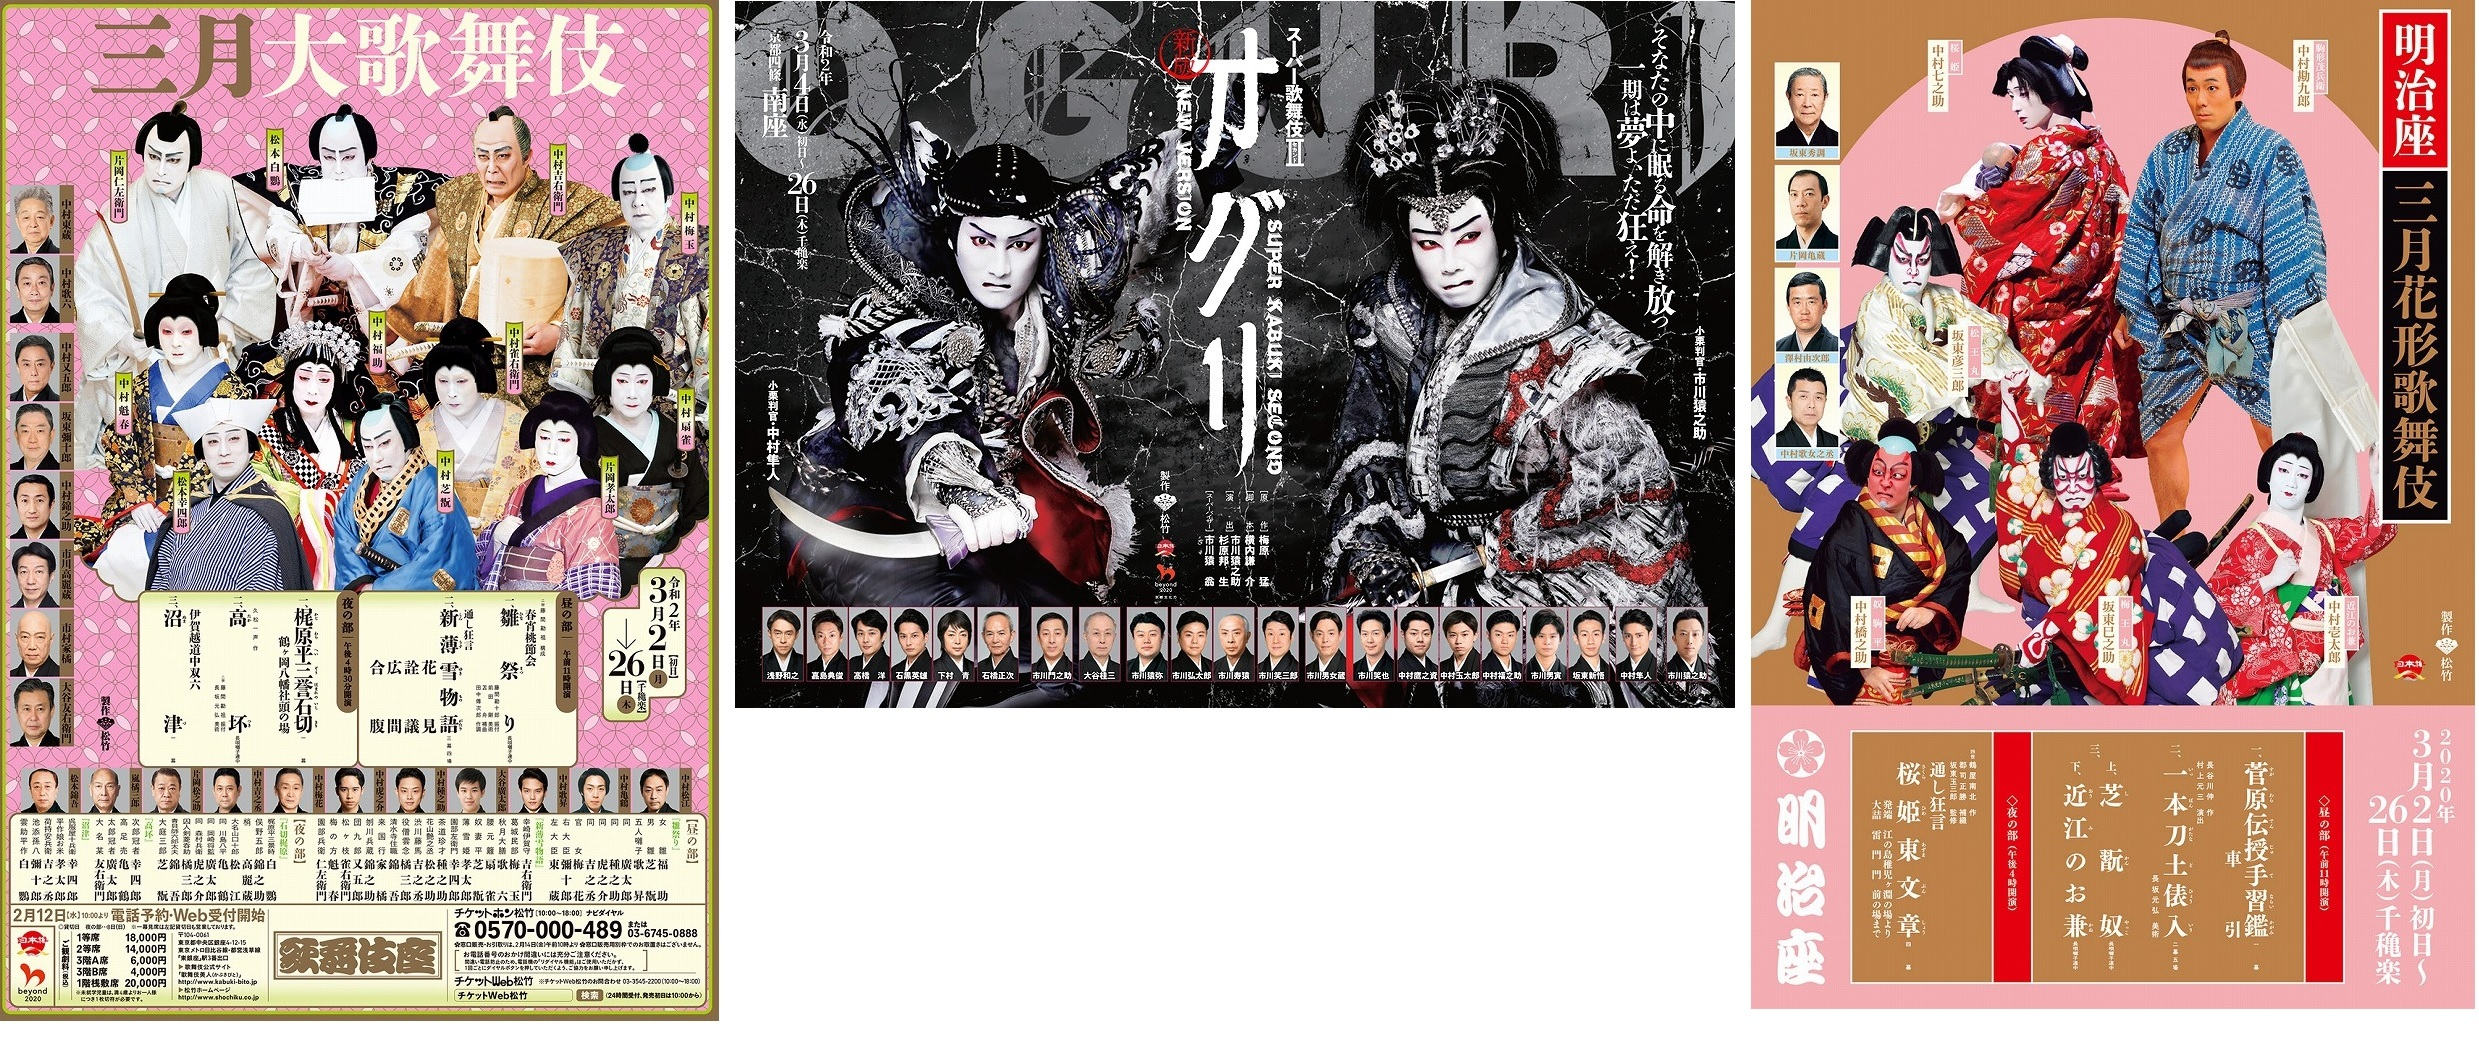 歌舞伎座『三月大歌舞伎』、南座 スーパー歌舞伎II(セカンド)『新版 オグリ』、『明治座 三月花形歌舞伎』